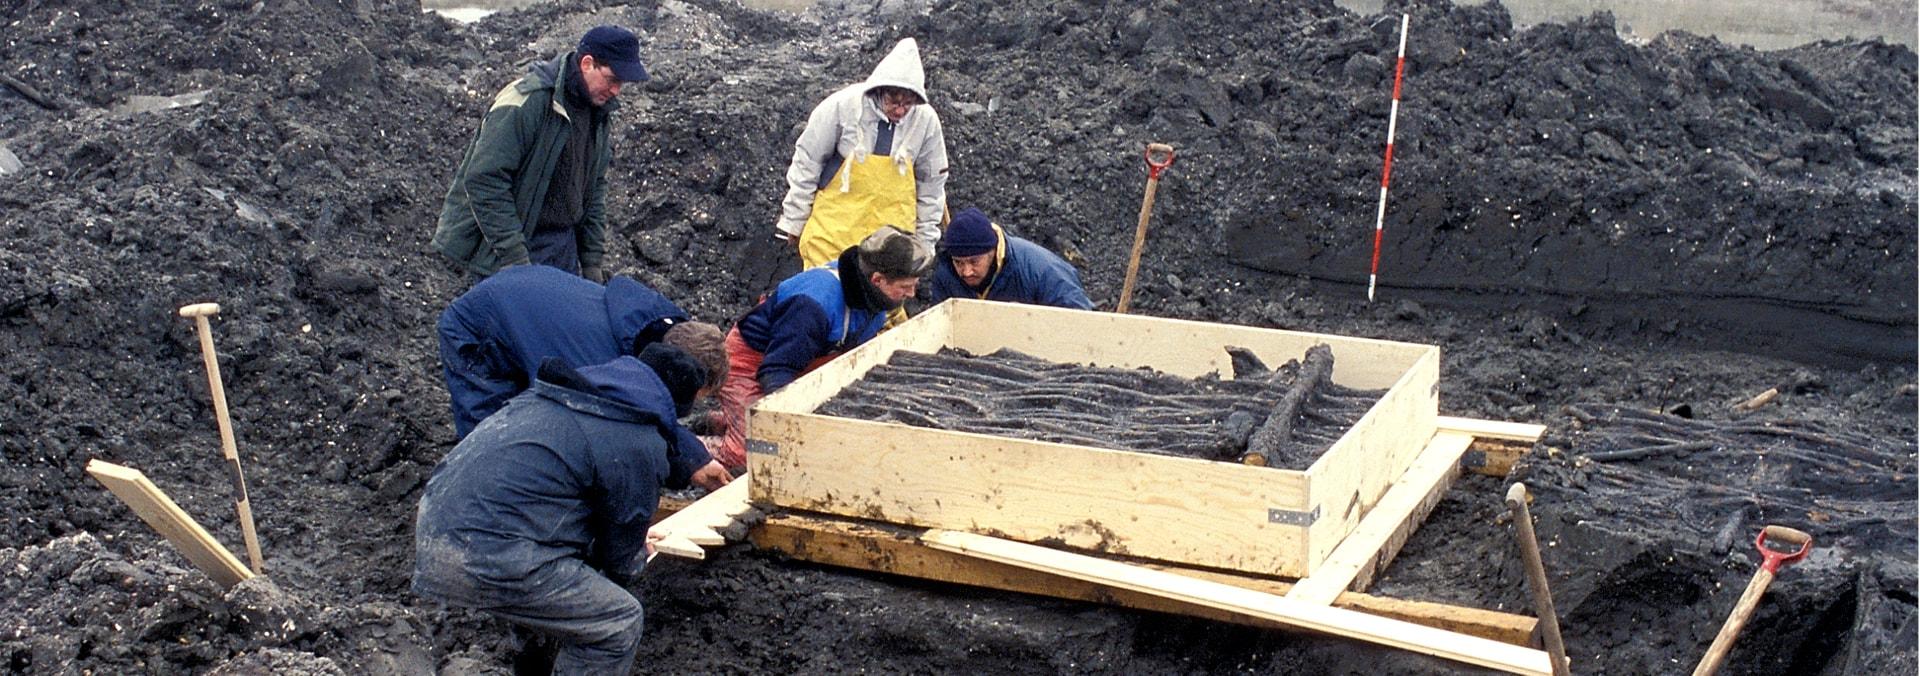 Fiskegærdet fra Slivsø: Fiskeri i stenalderen